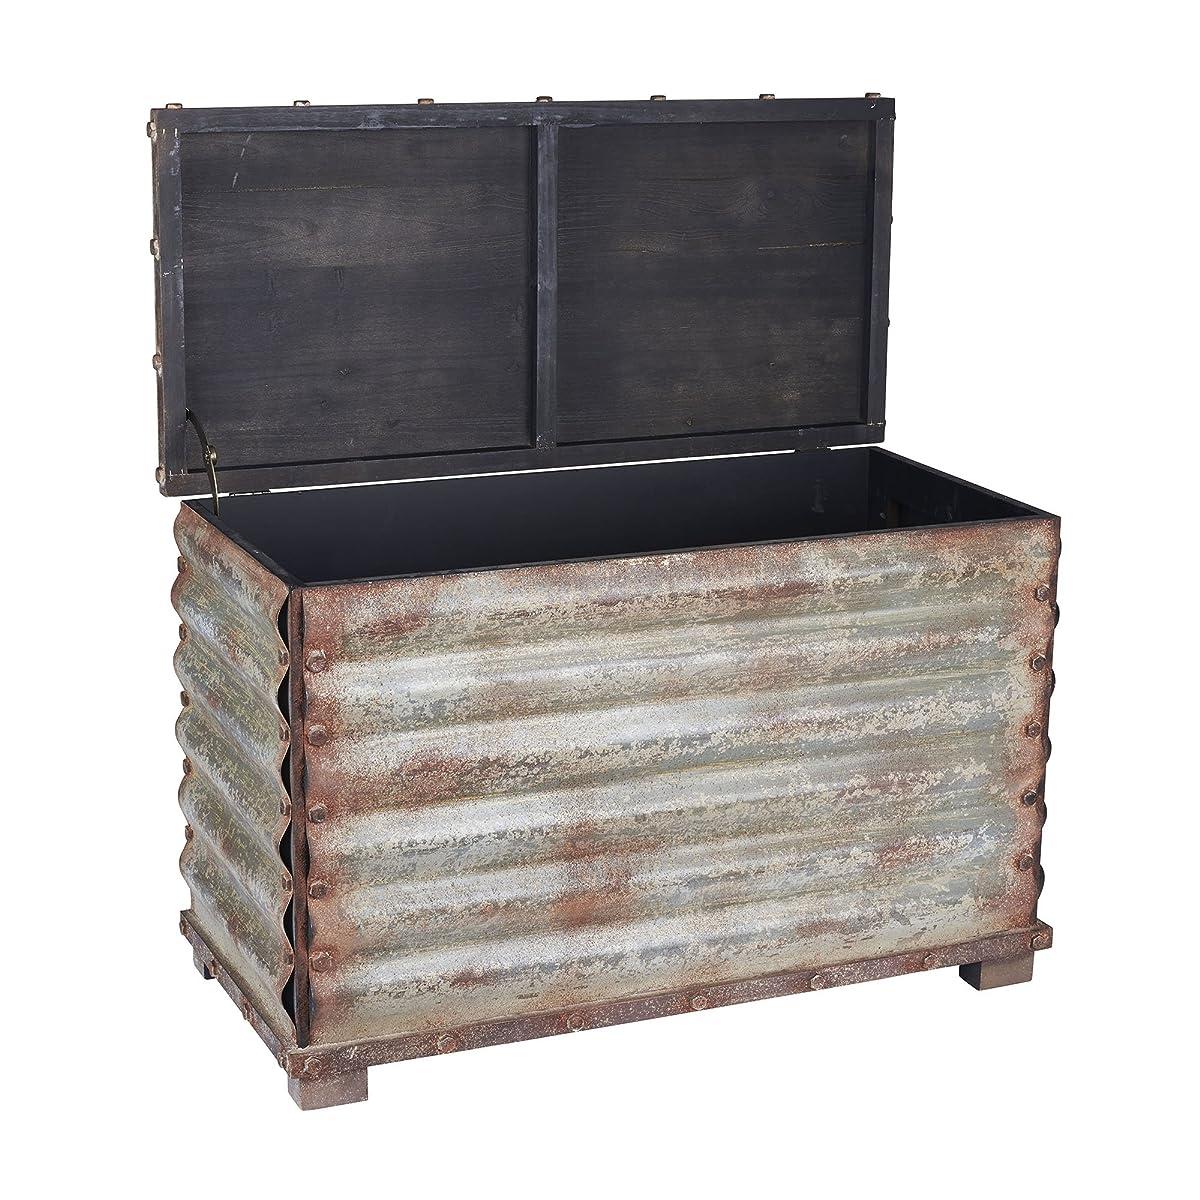 Household Essentials Vintage Metal Storage Trunk, Rustic Silver, Large